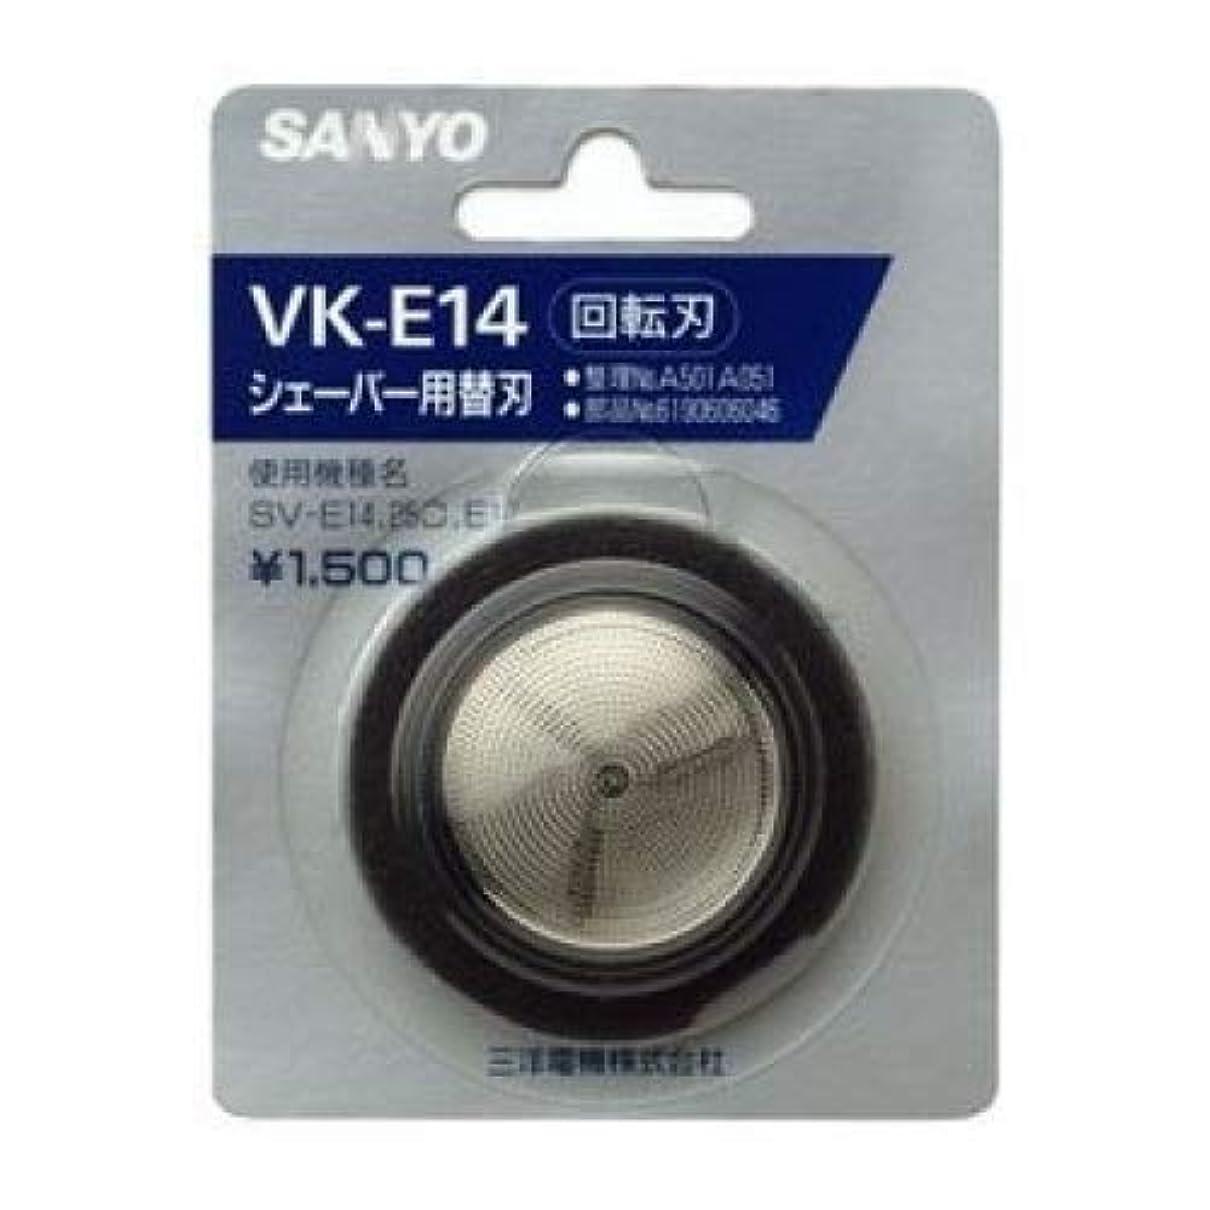 ストレンジャー抹消頭蓋骨SANYO シェーバー用替刃 回転式 内?外刃セット KA-VK-E14